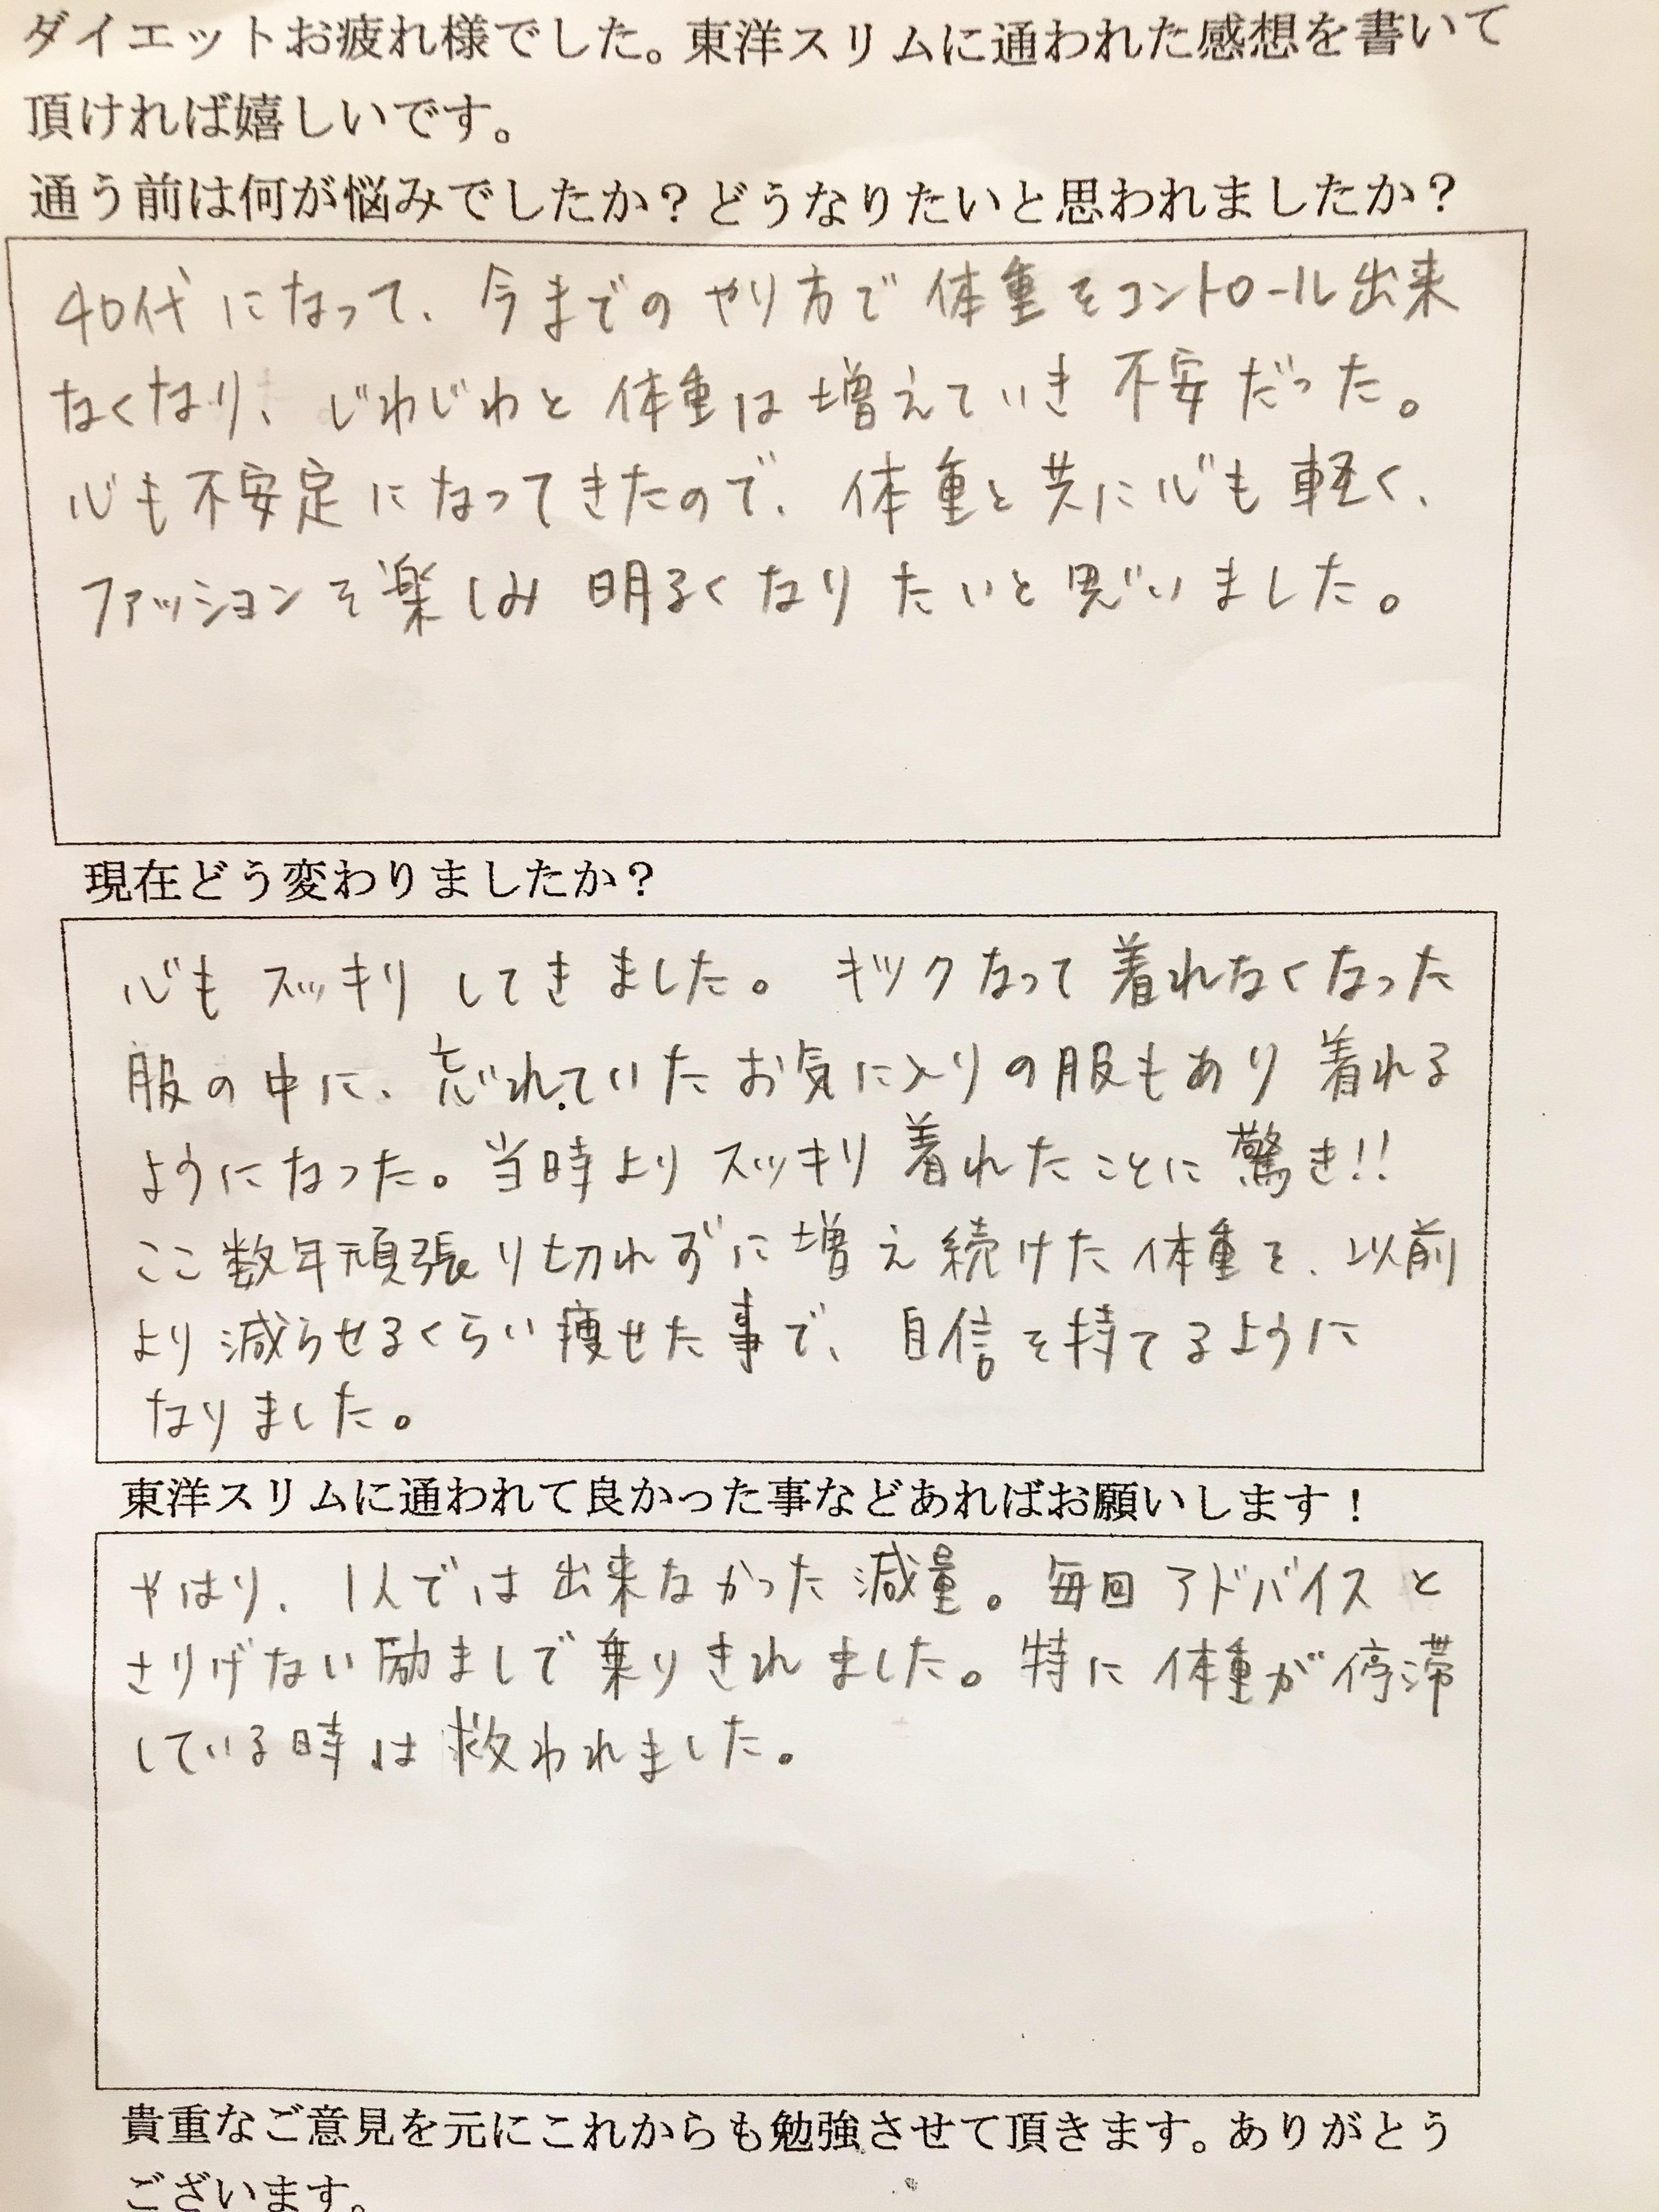 [皆様の声]大阪府松原市E様(40代)耳つぼダイエット5kg成功!毎回のアドバイスとさりげない励ましで乗り切れました。